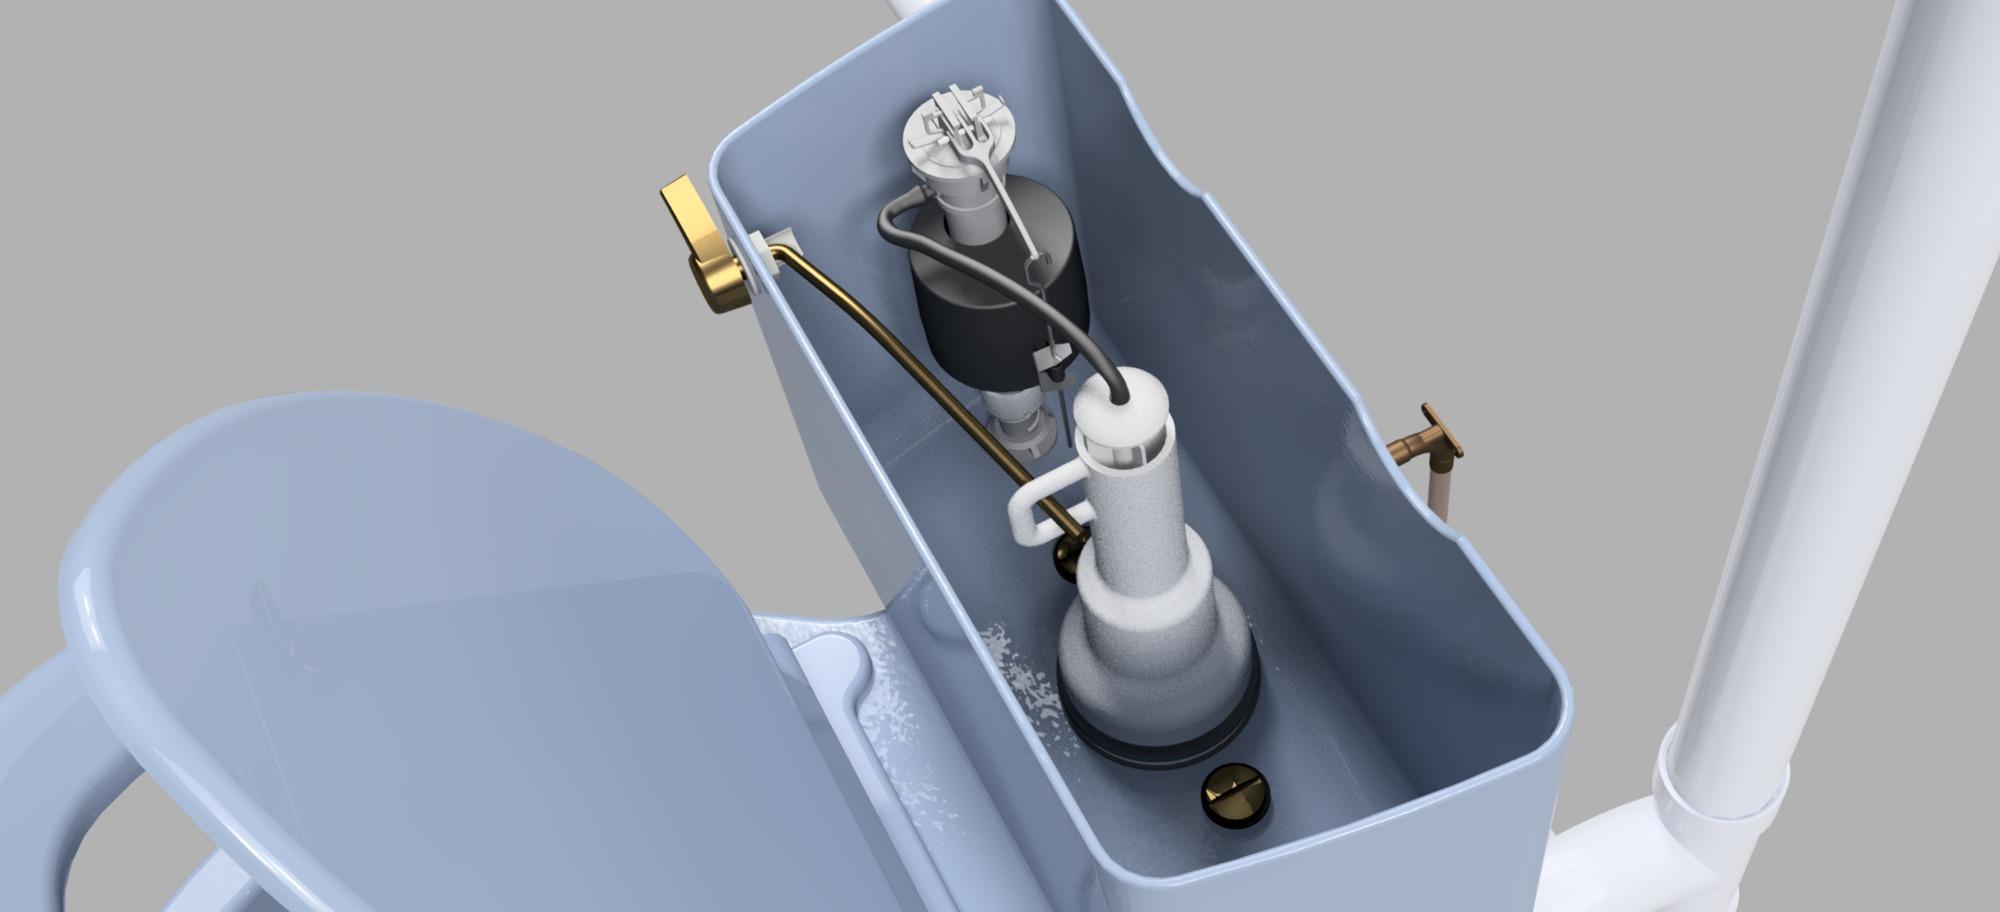 Toilet_tank_1